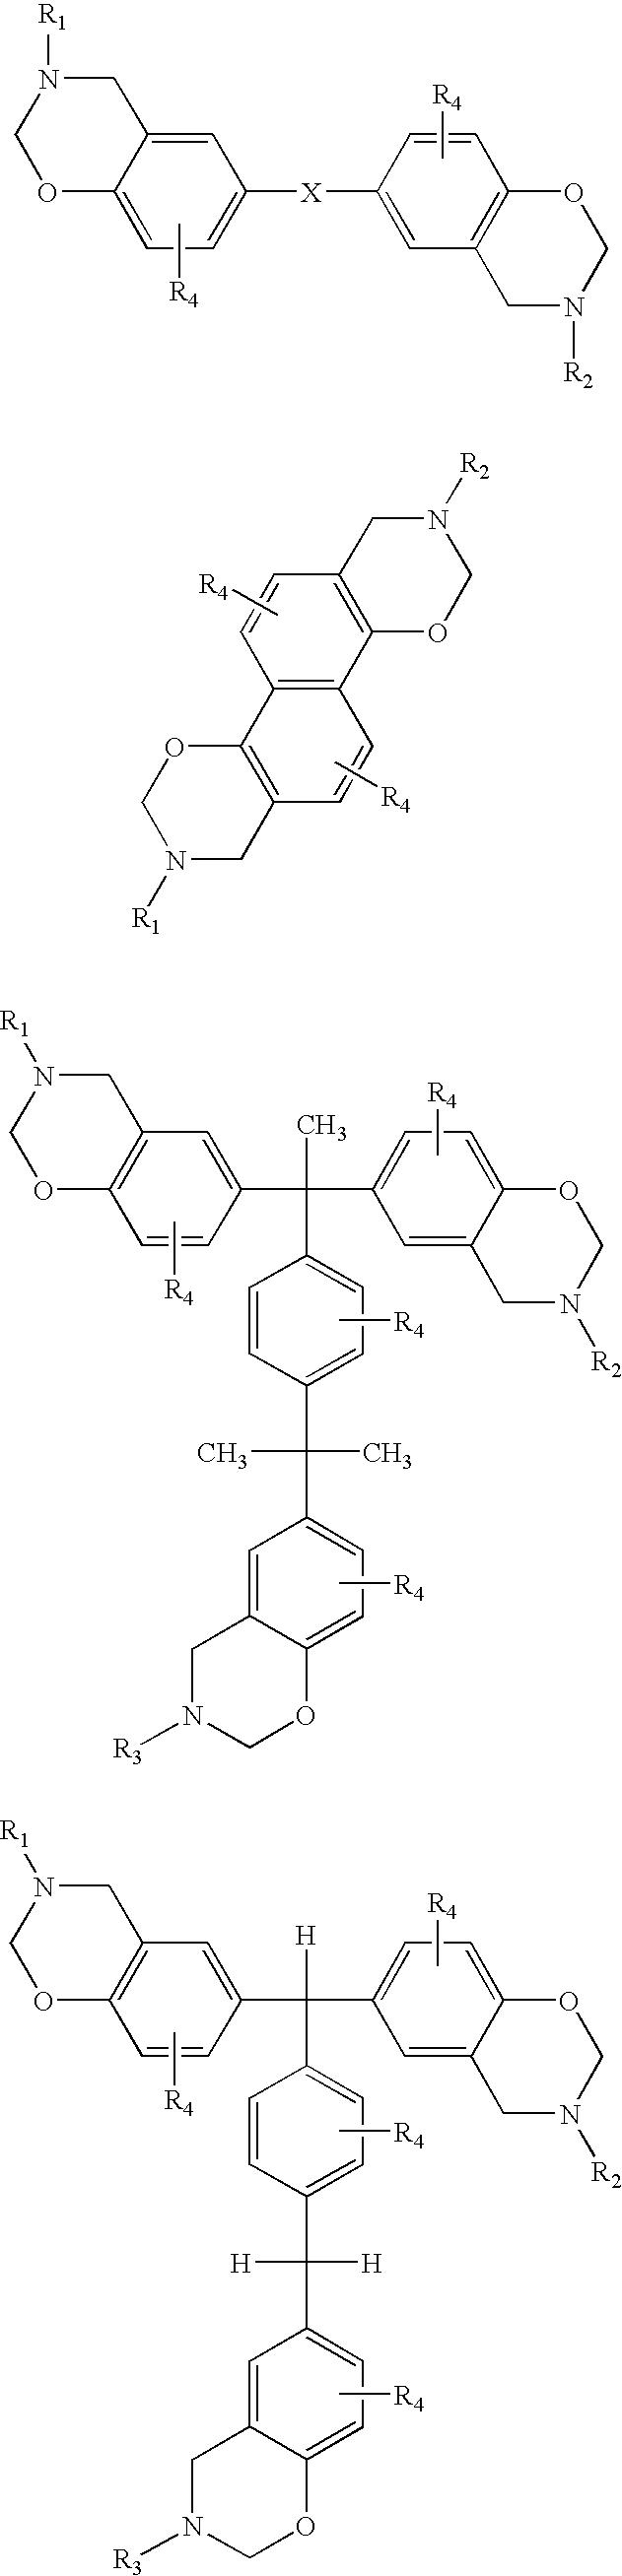 Figure US20060240261A1-20061026-C00003